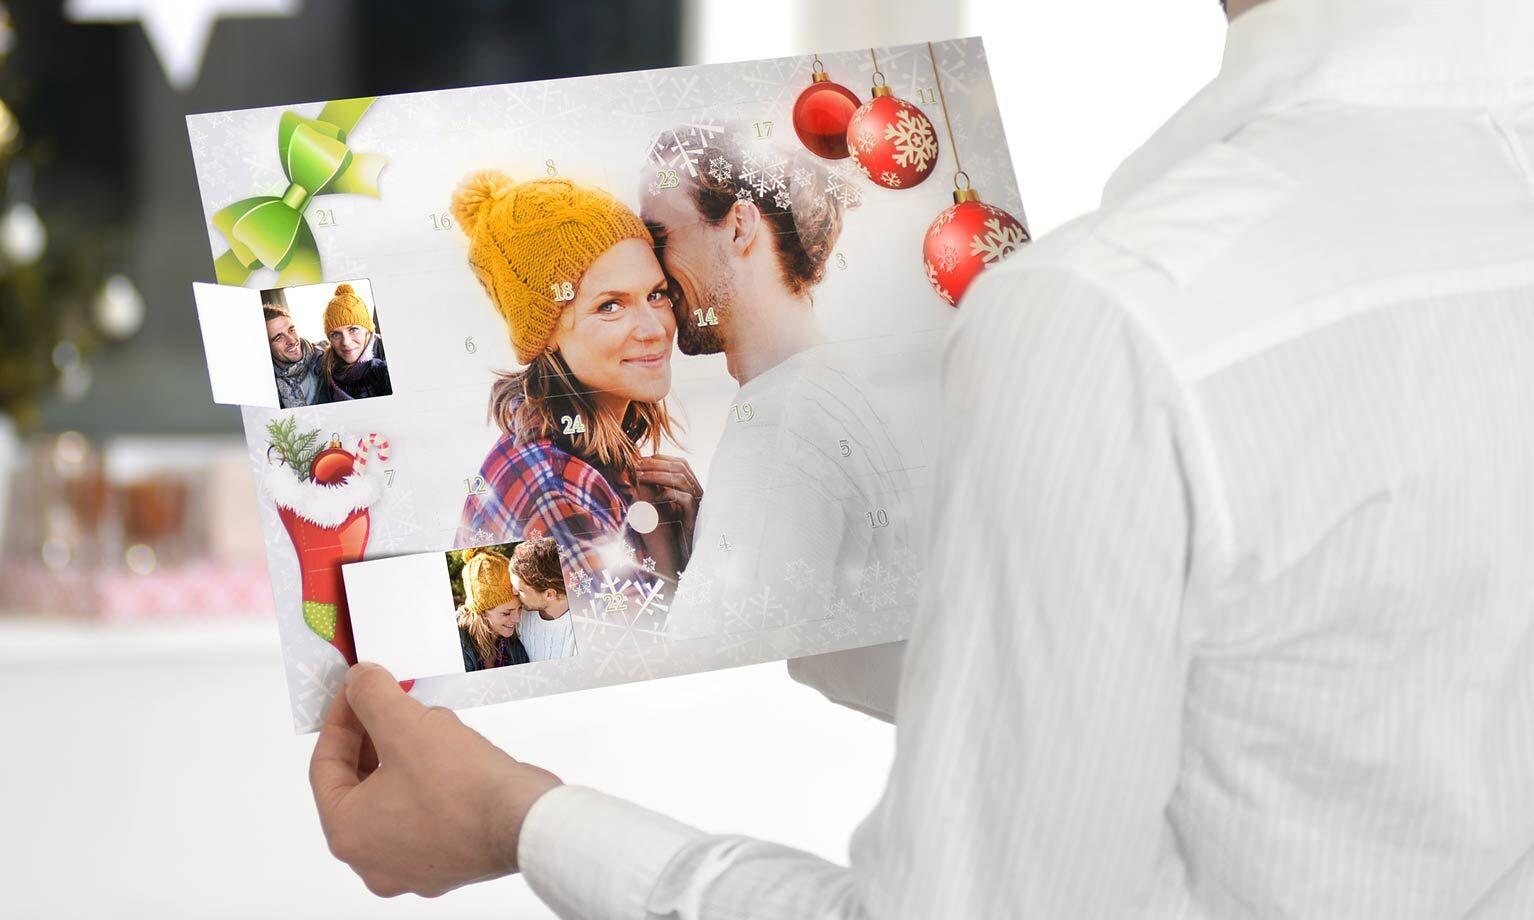 Jemand hält einen Foto-Adventskalender mit Bildern eines glücklichen Paares vor sich.